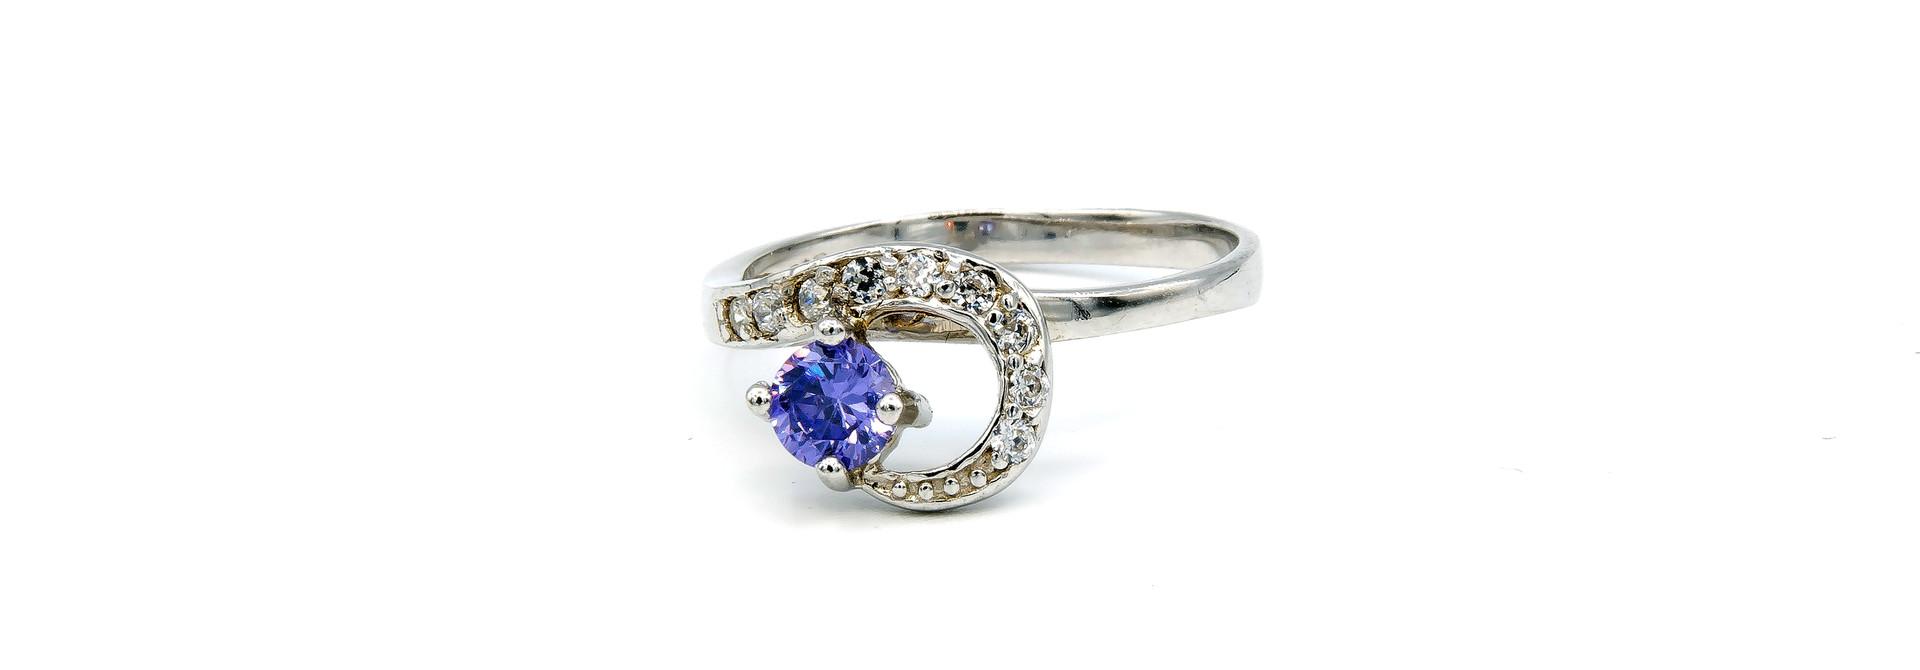 Ring verlovingsring lusje ingezet met zirkonia's en paarse steen zilver